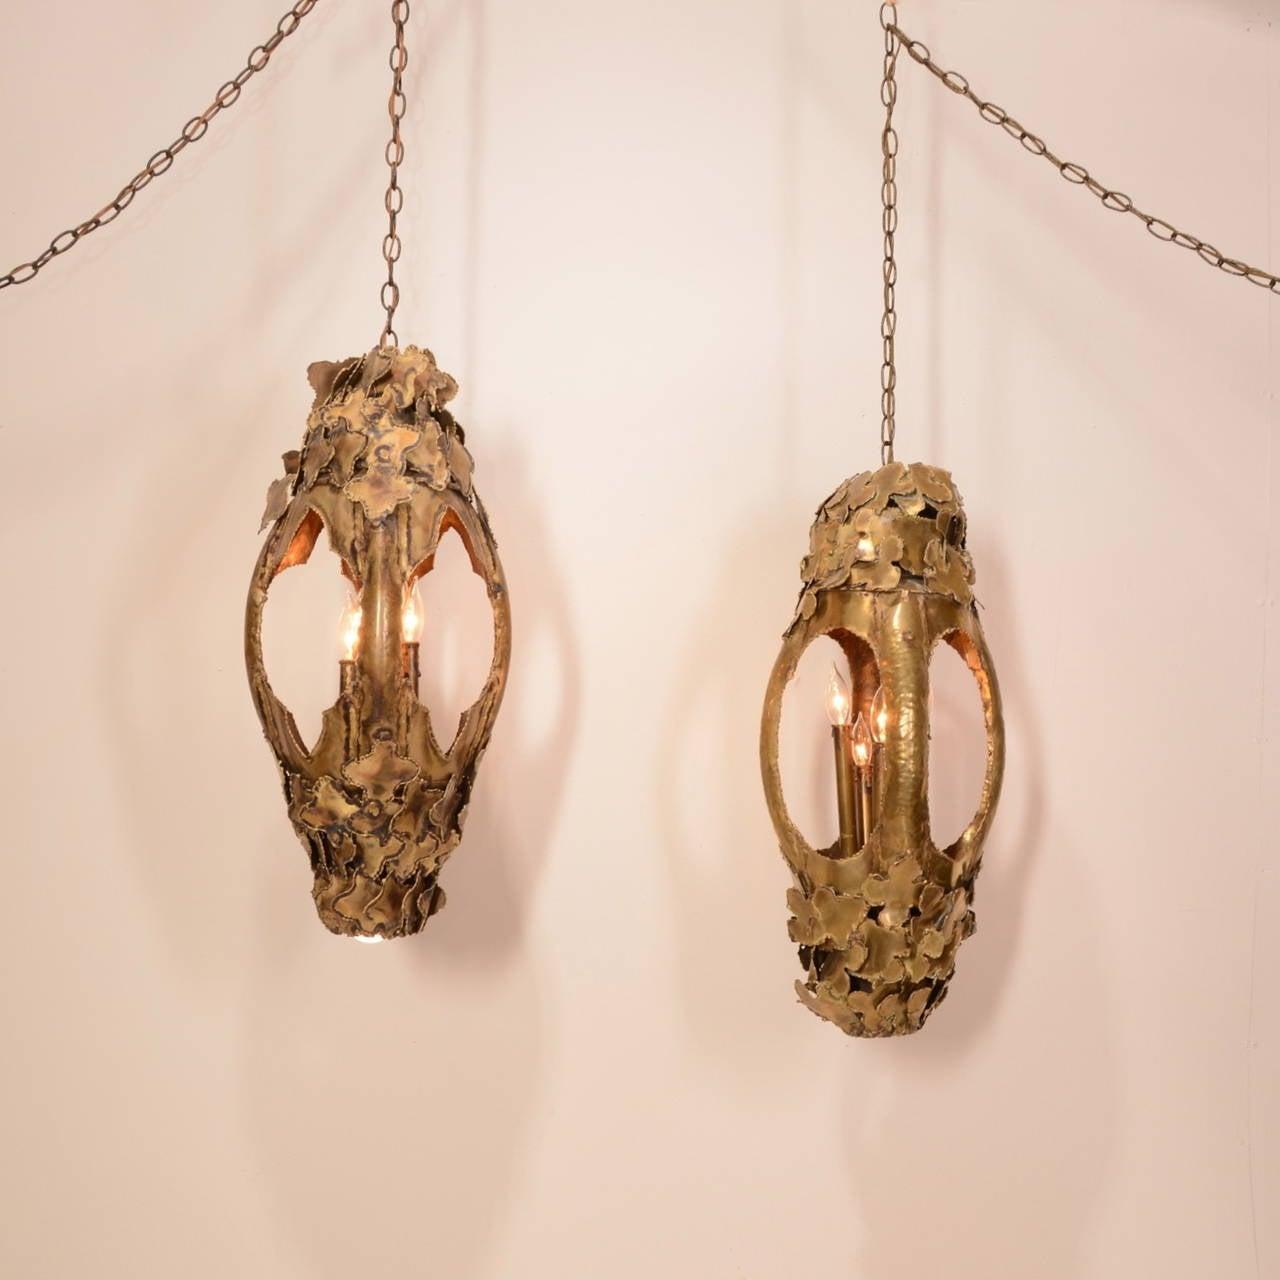 Tom Greene for Feldman Pendant Brutalist Lantern Torch-Cut Brass For Sale 3